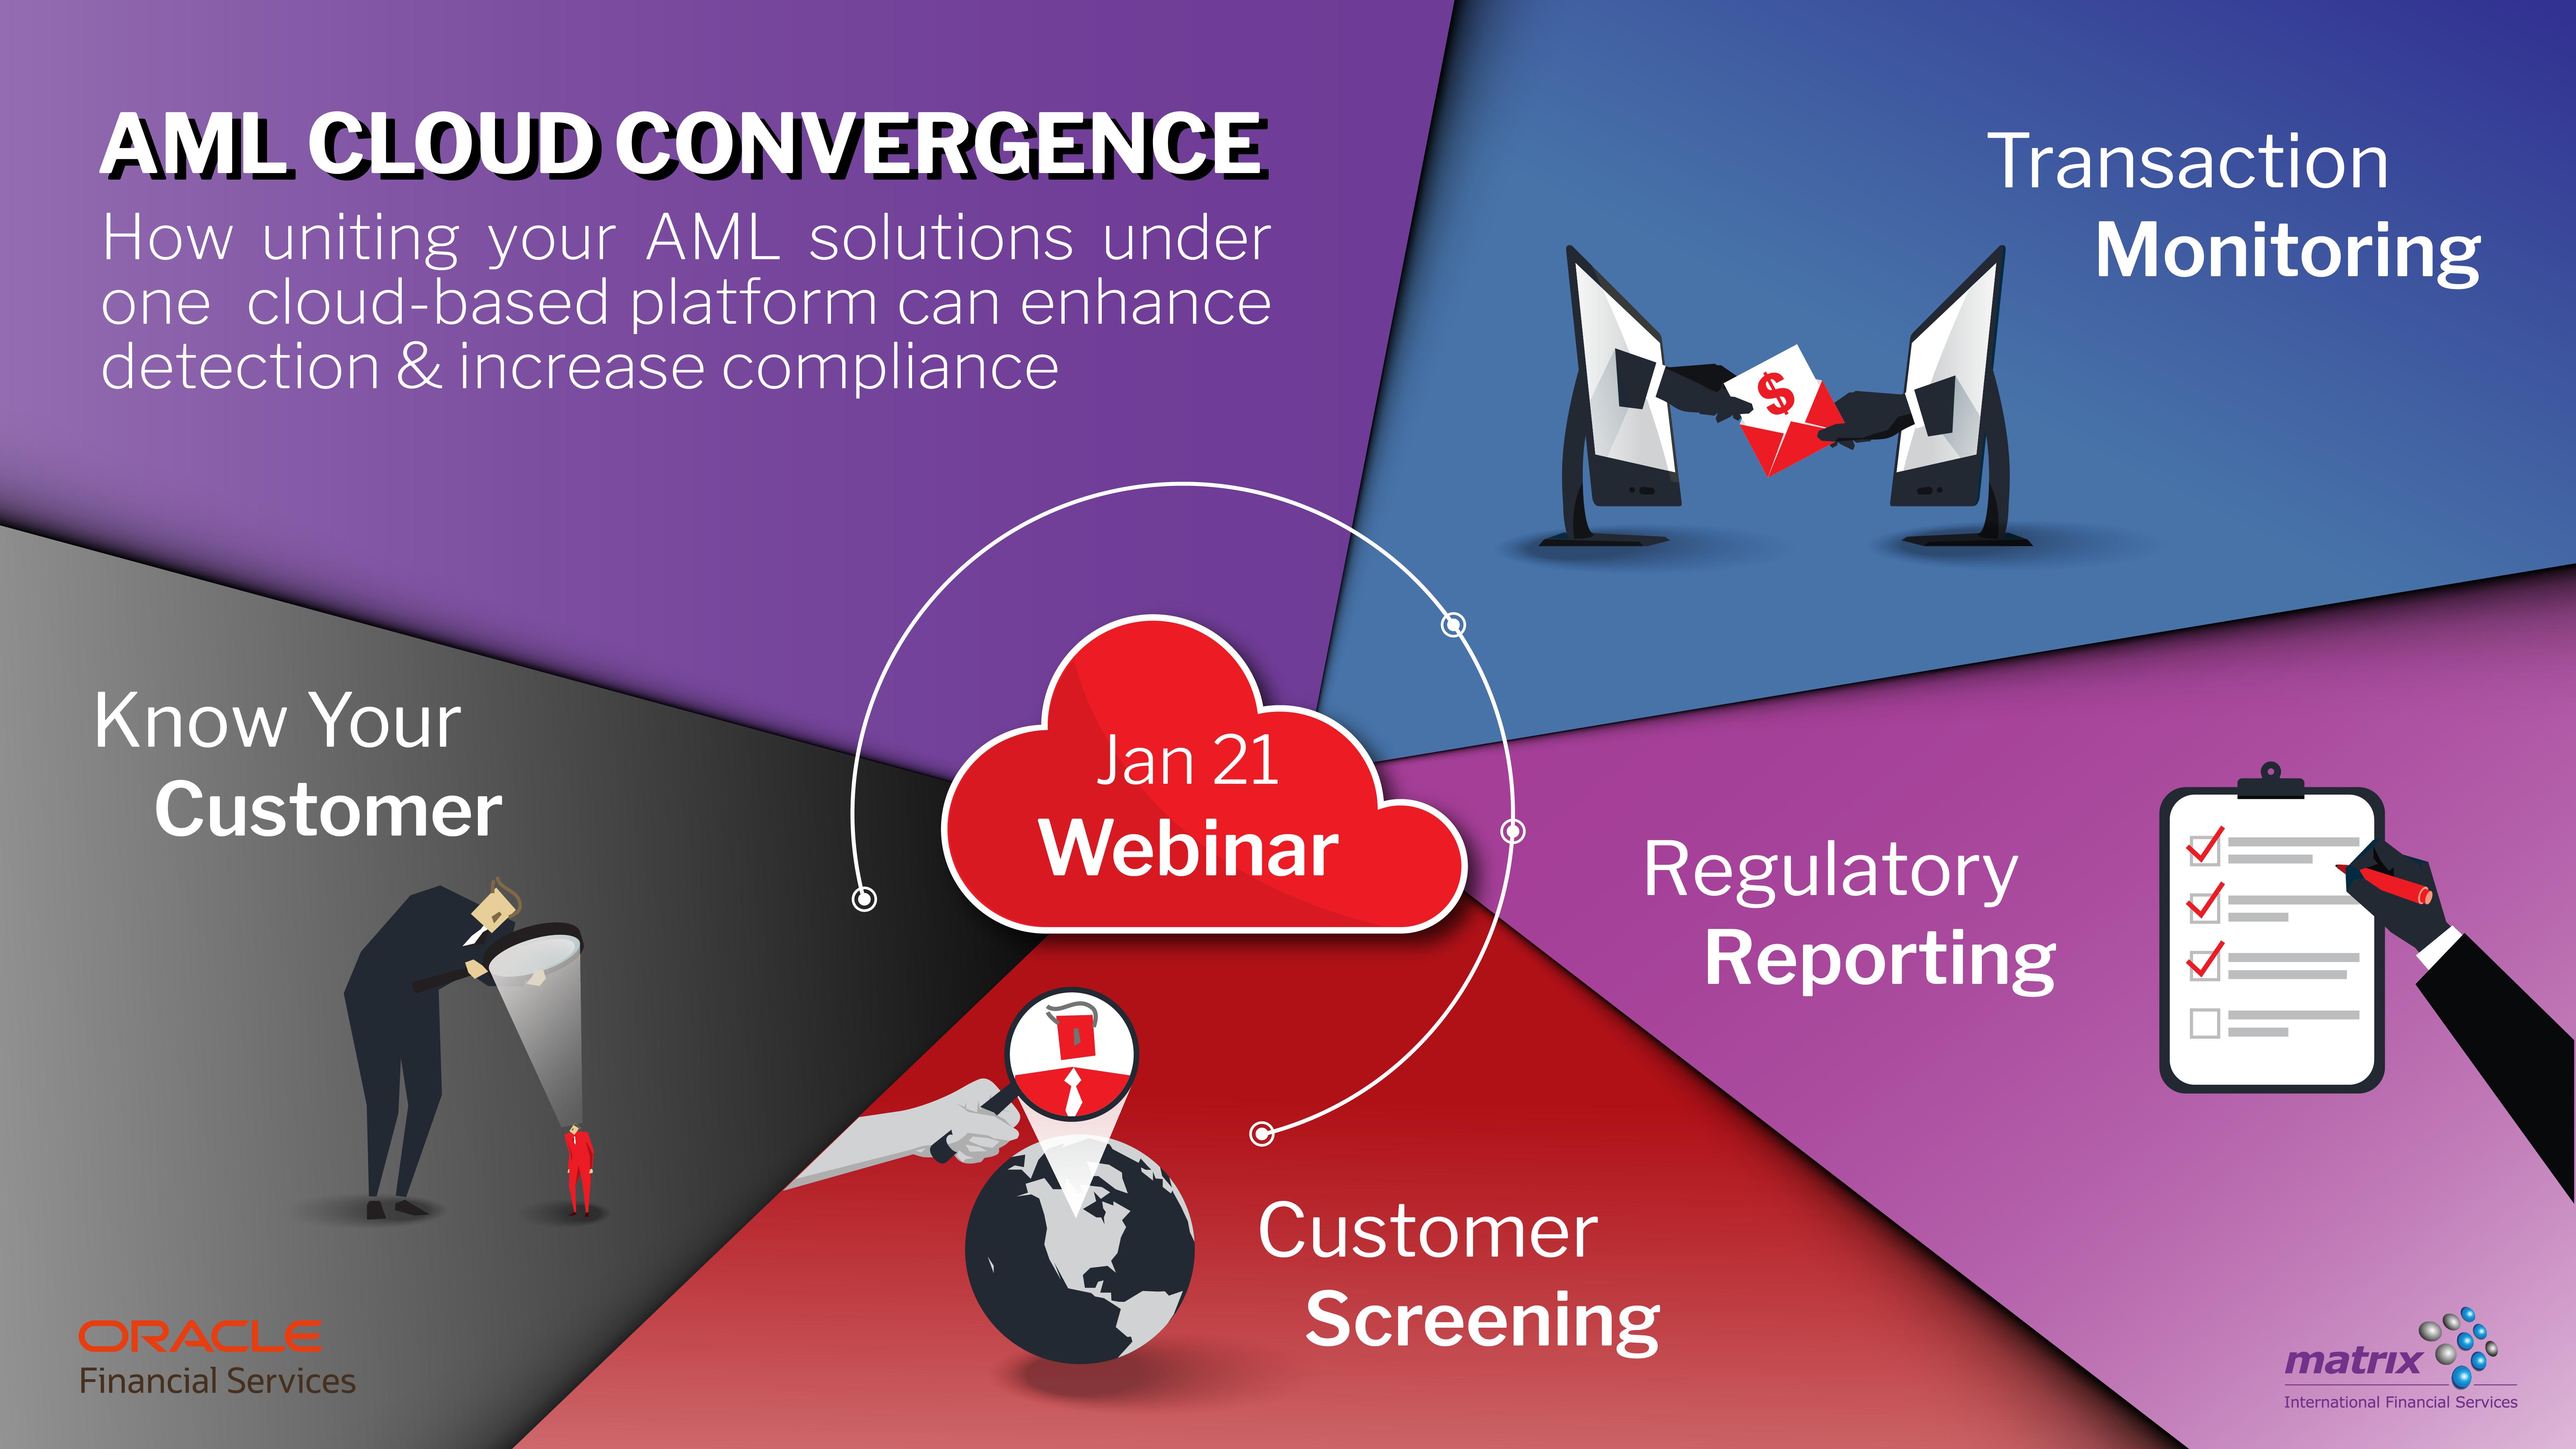 AML Cloud Convergence